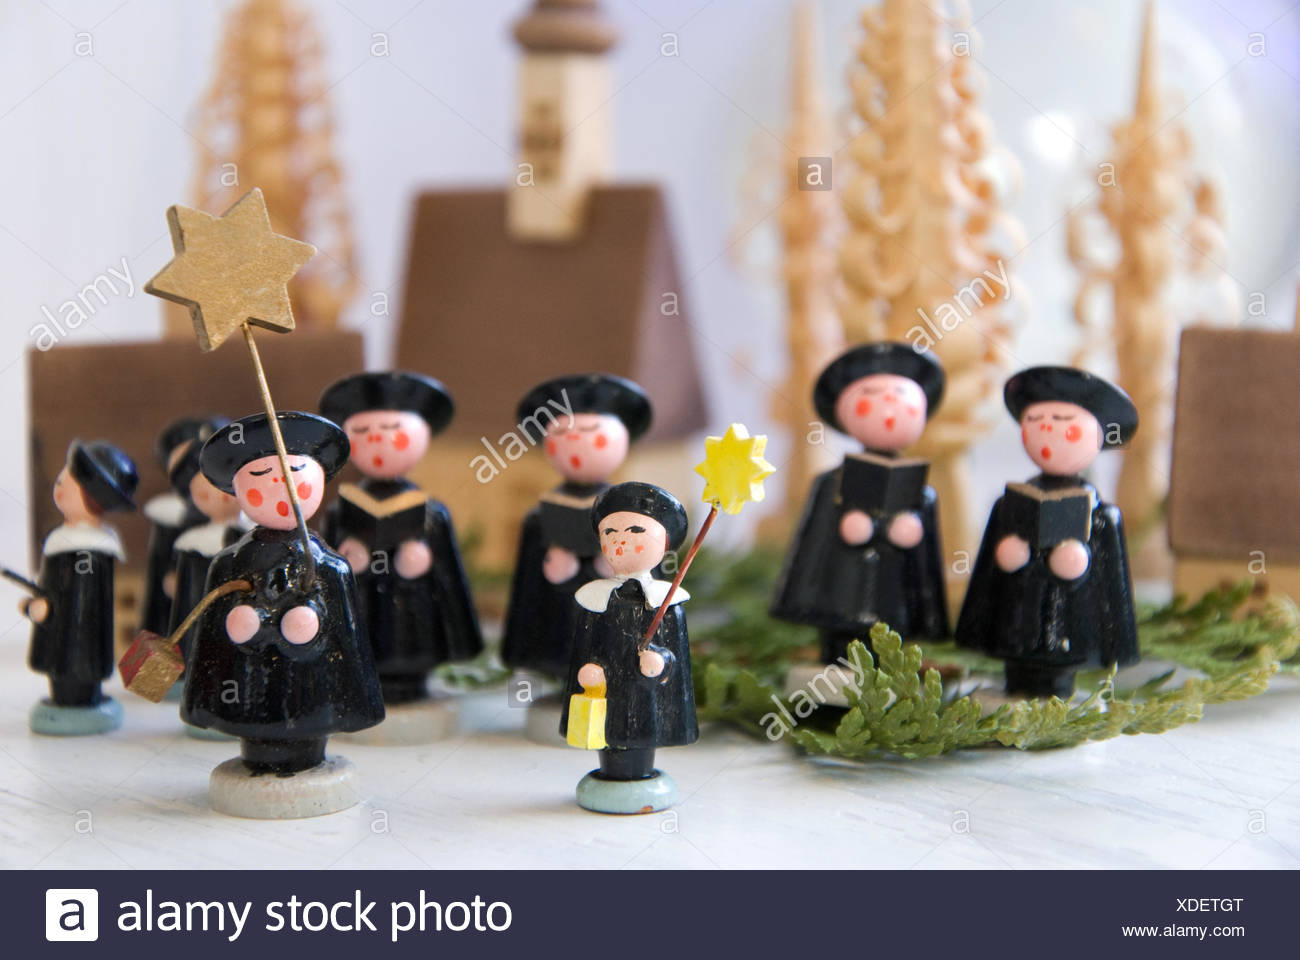 Erzgebirgische Weihnachtslieder.Advent Körperbau Erzgebirge Weihnachtsbaum Krippe Das Kind Jesus